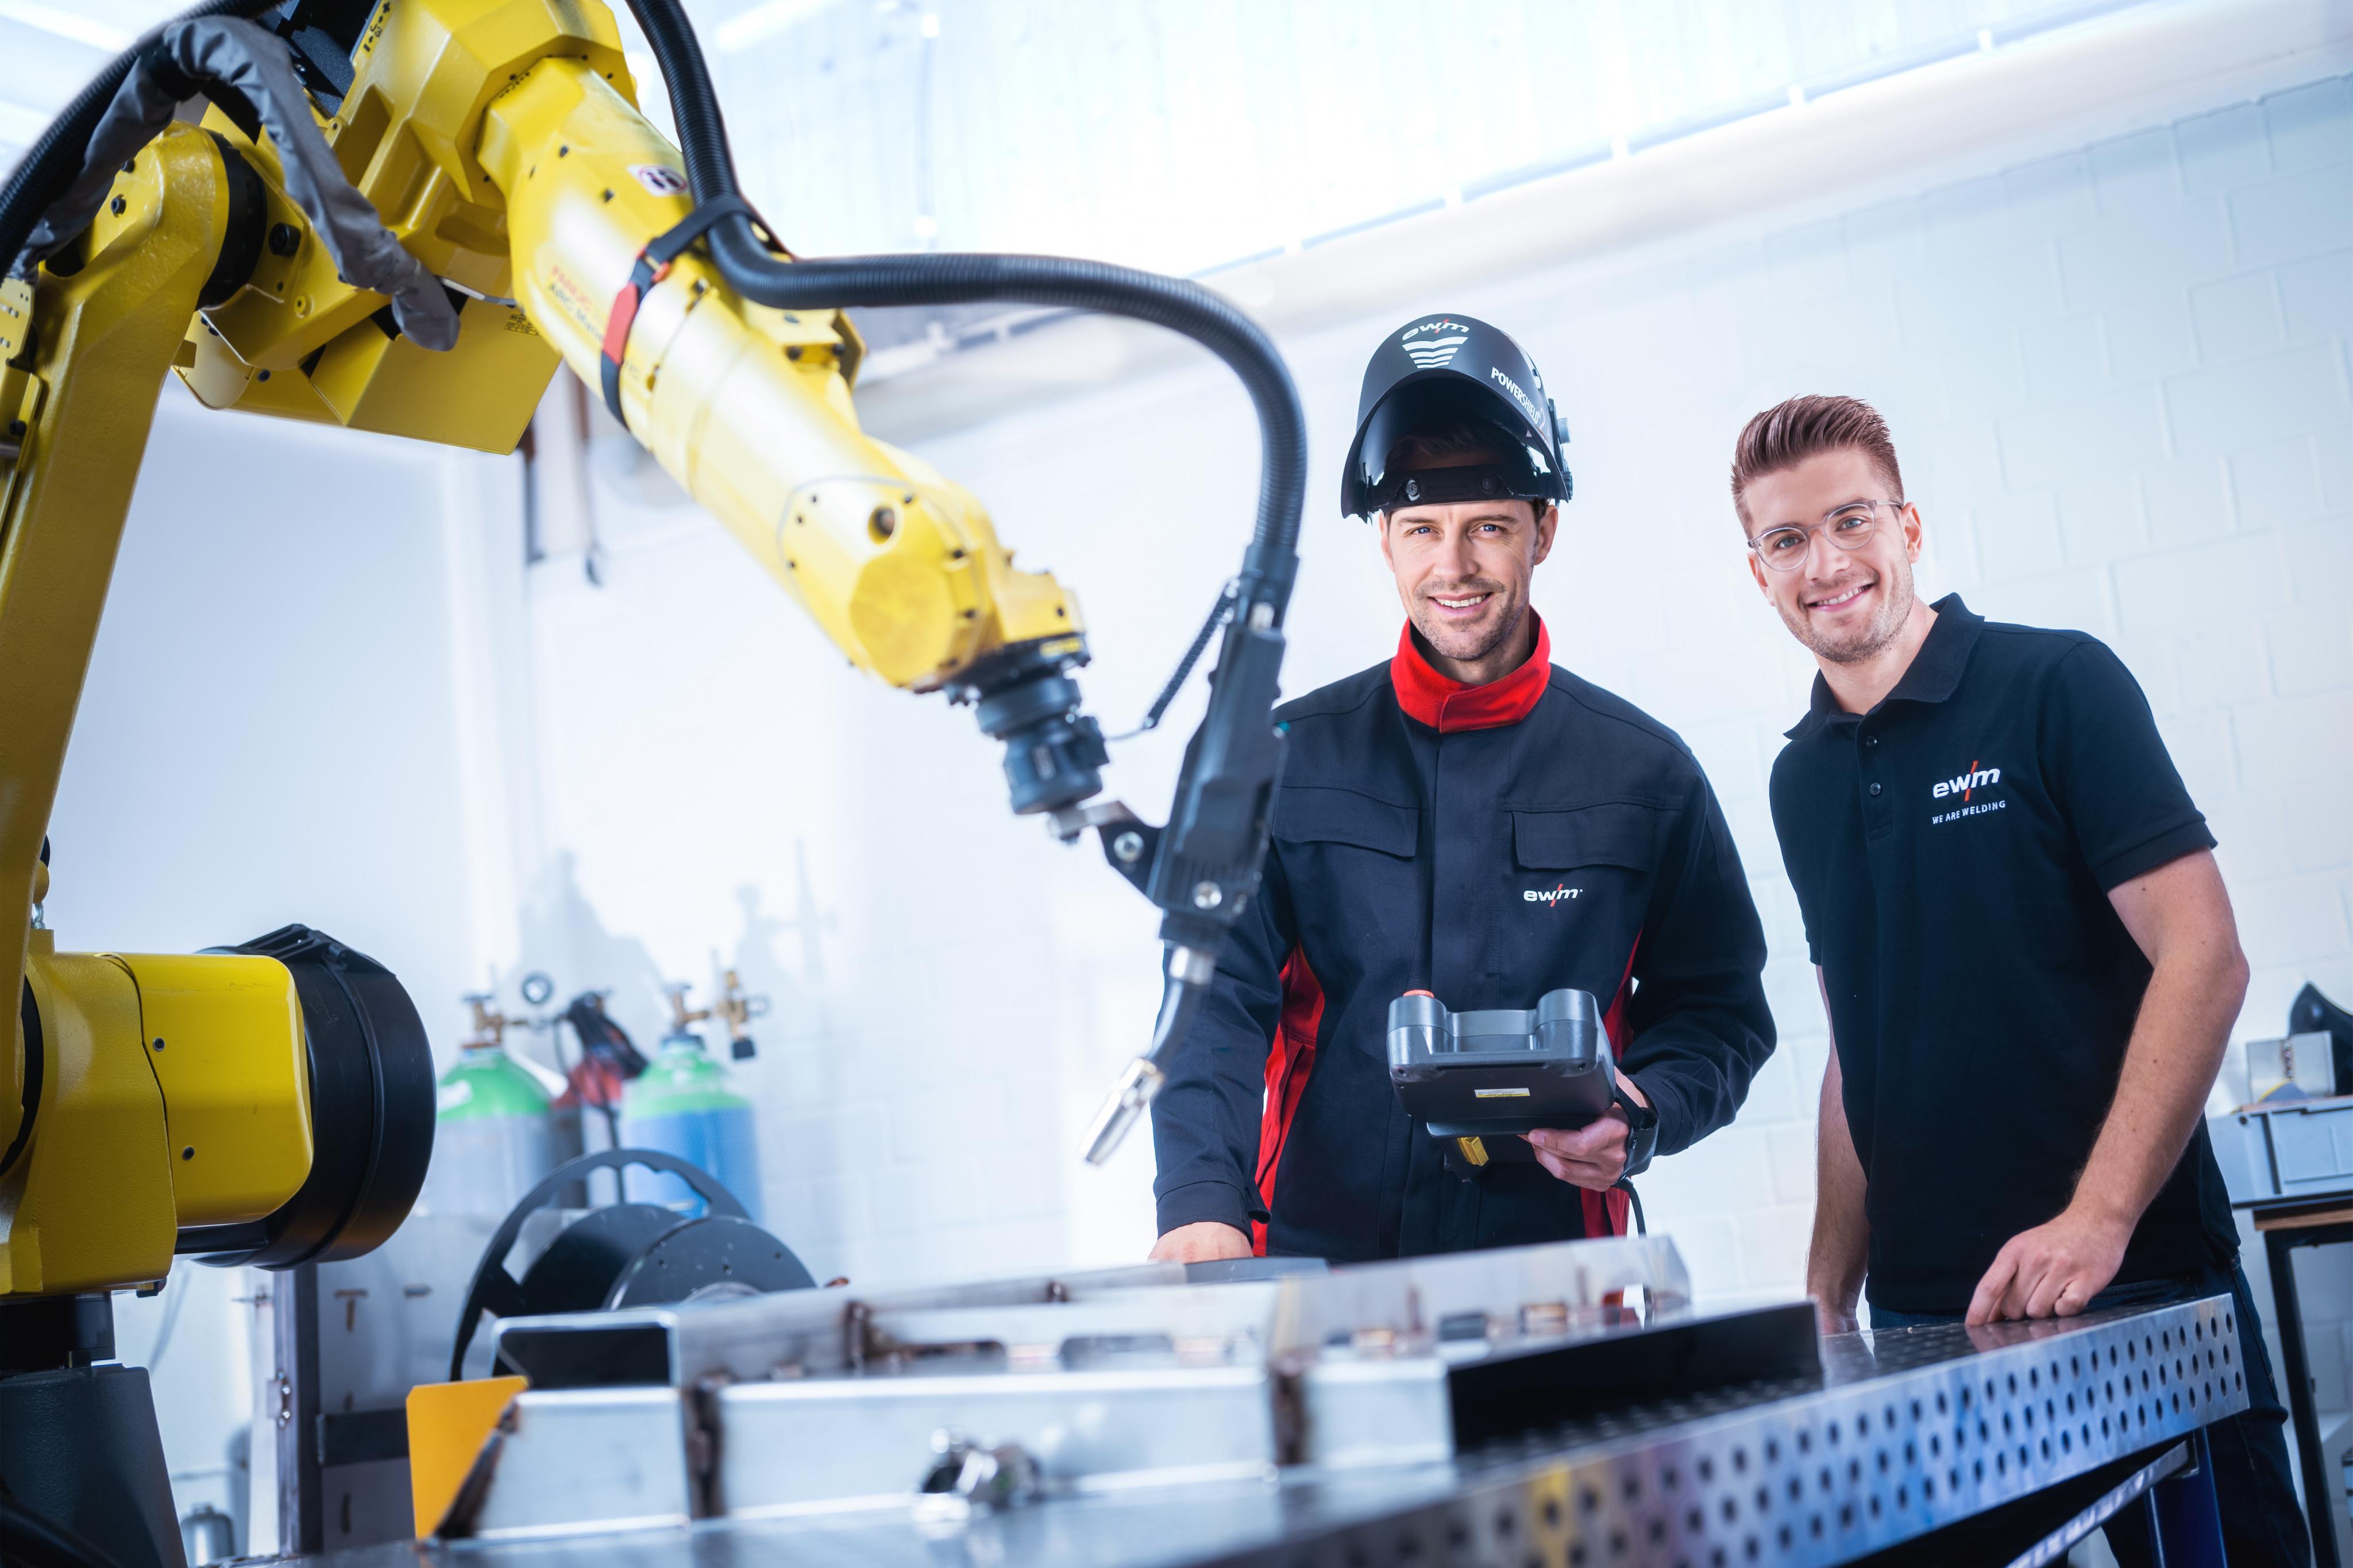 EWM zählt zu Deutschlands 100 innovativsten Mittelständlern 2021